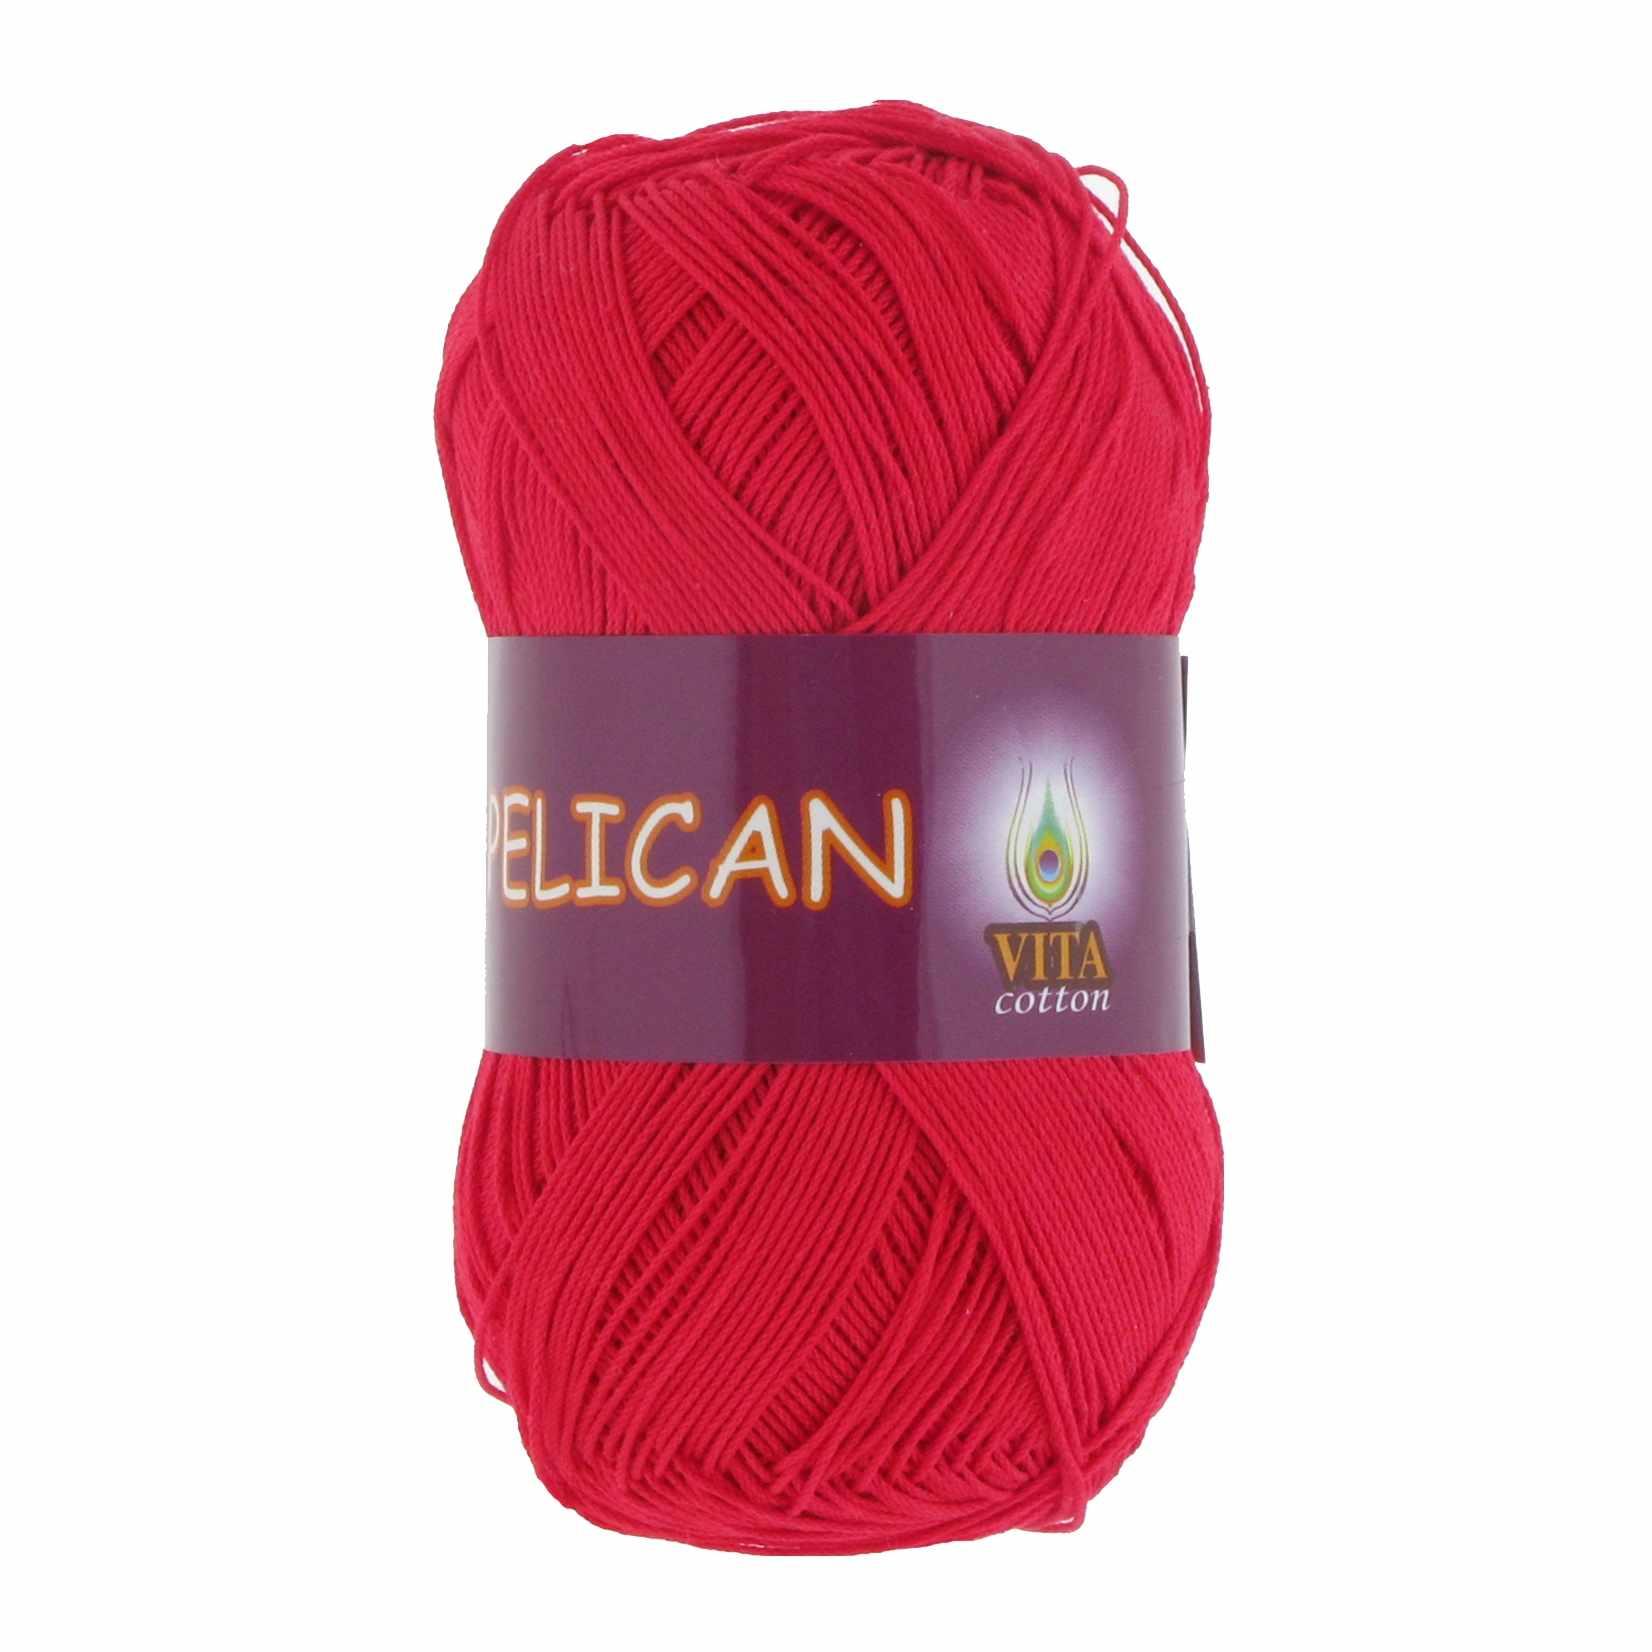 Пряжа VITA Pelican Цвет.3966 красный